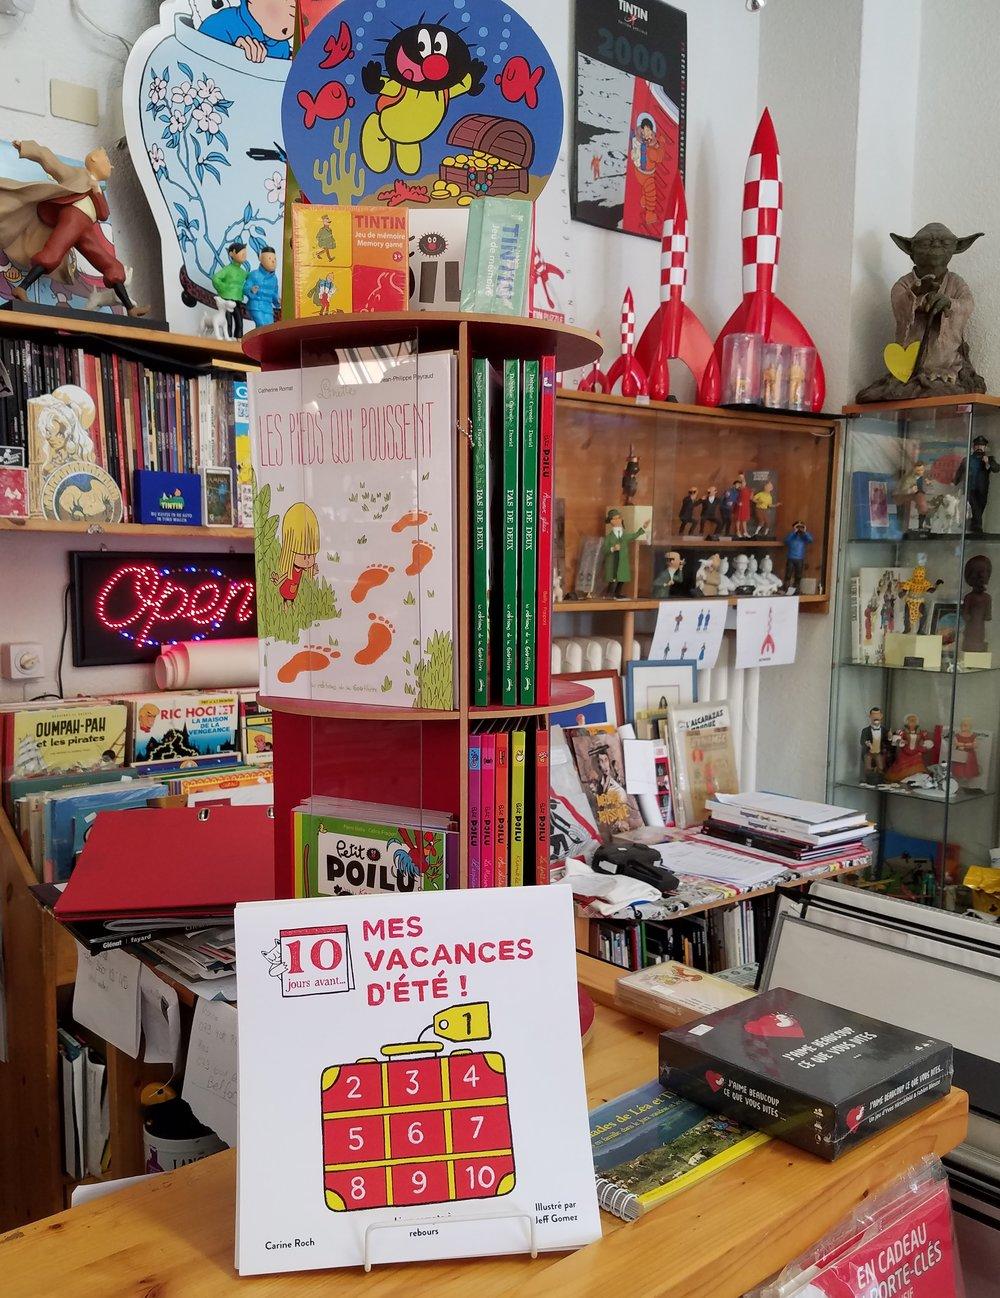 - Le livre est également disponible en librairie:à Lausanne - Suisse : Payot, Belphégor, Little Mailleà San Francisco : Charlie's Corner et autres librairies indépendantes de la ville